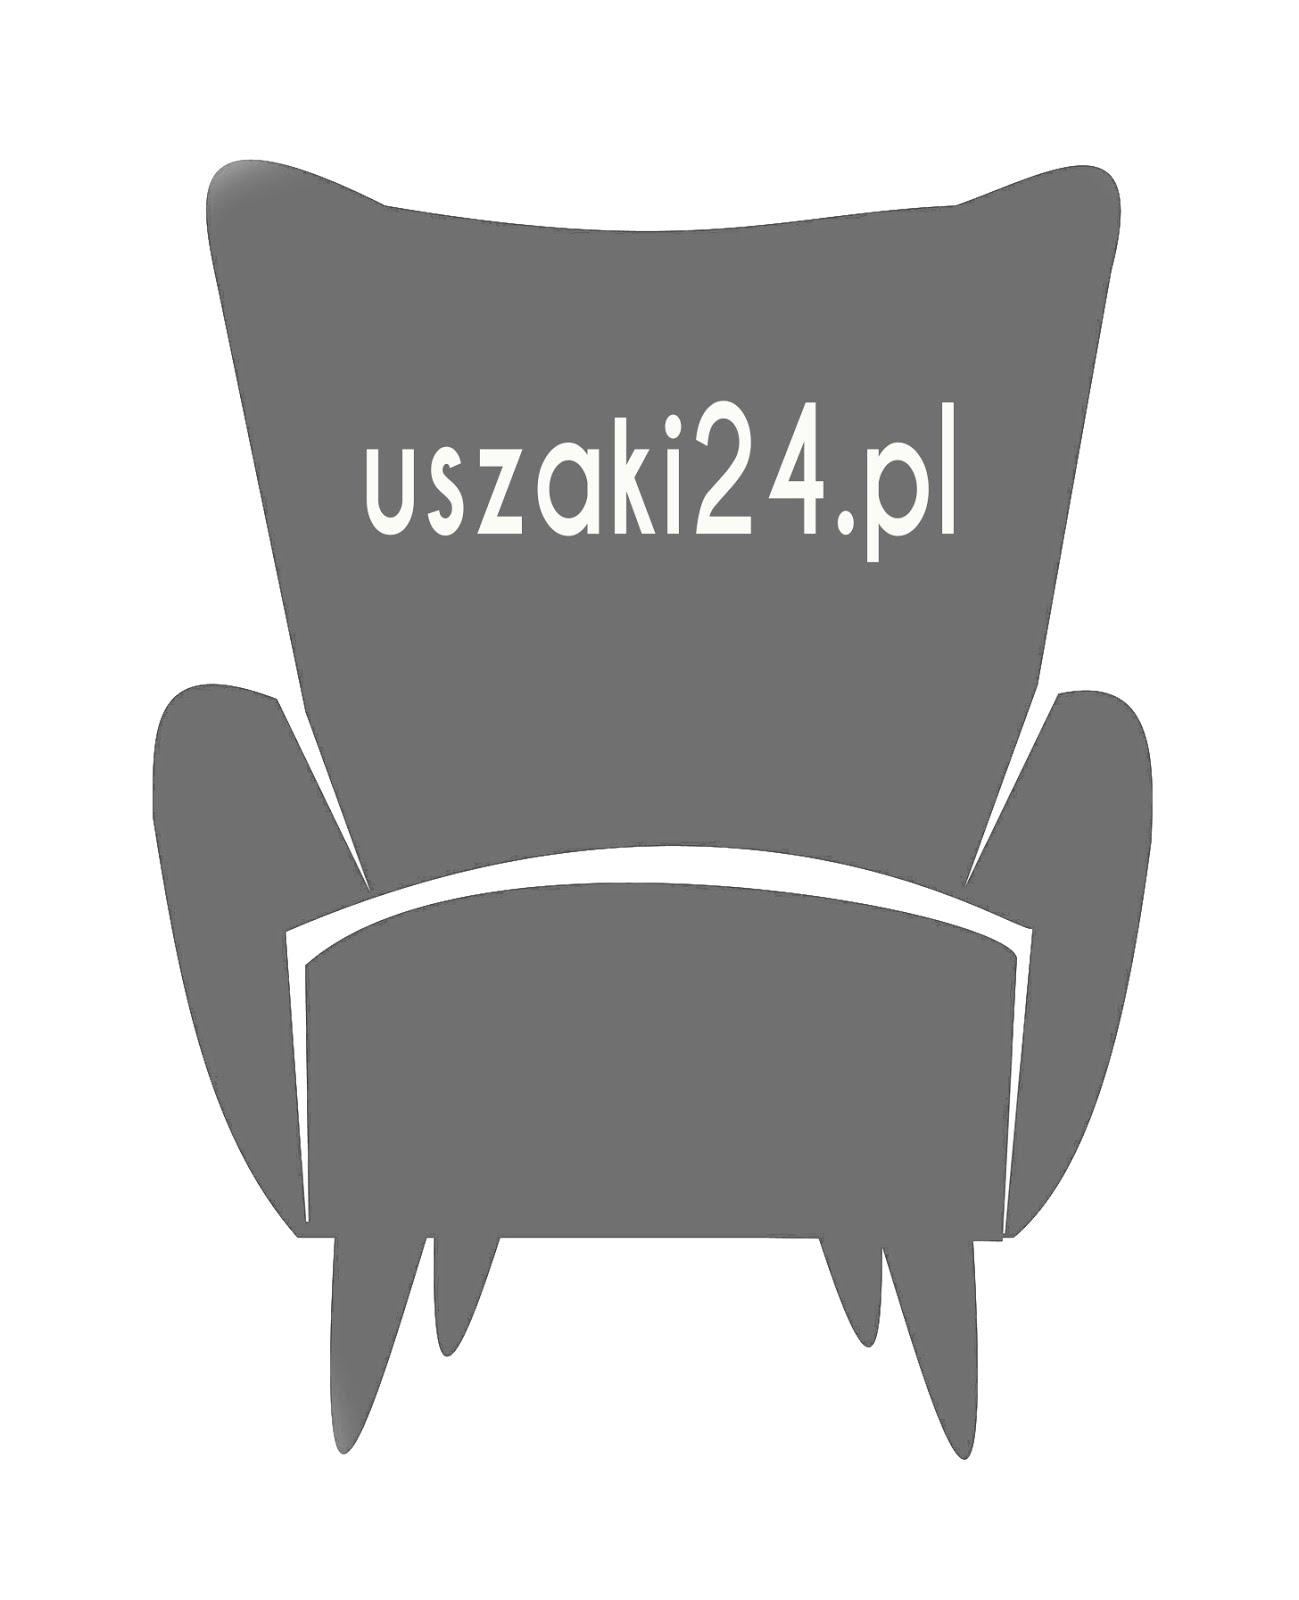 Uszaki24.pl